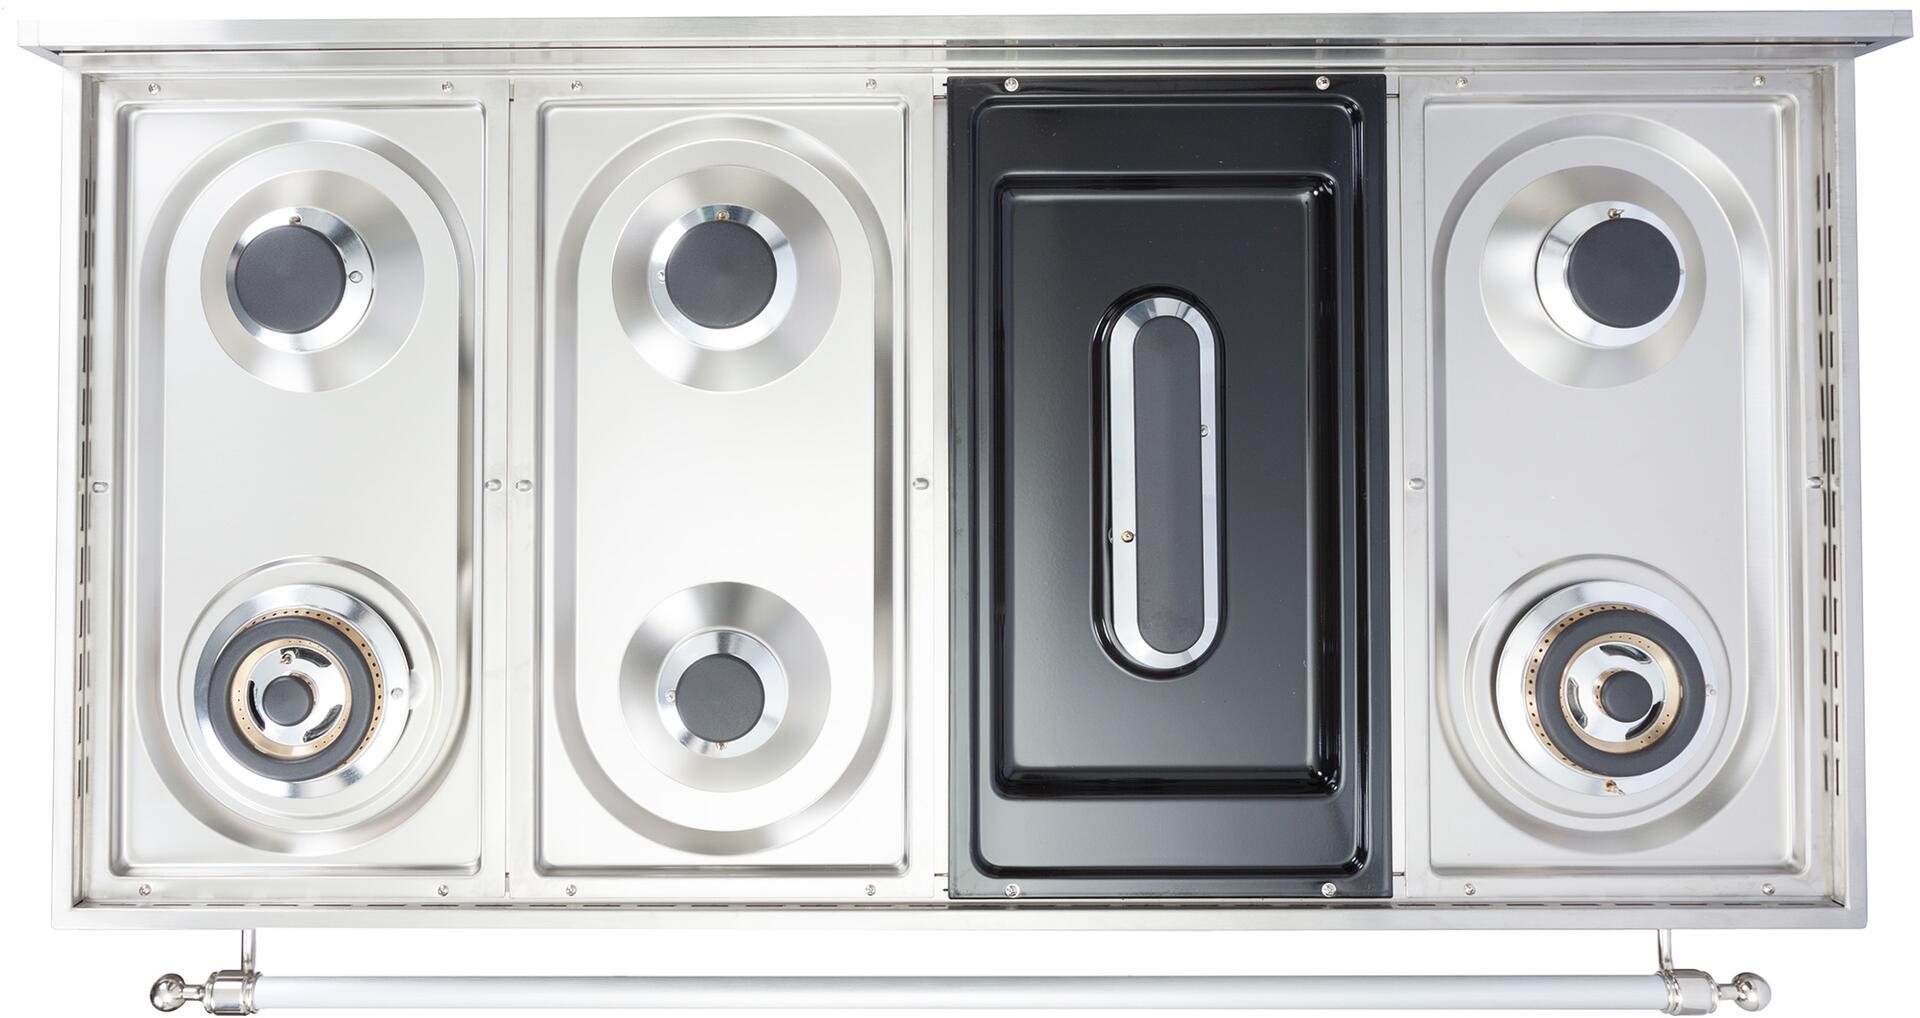 Ilve Nostalgie UPN120FDMPBLX Freestanding Dual Fuel Range Blue, Cooktop without Grates